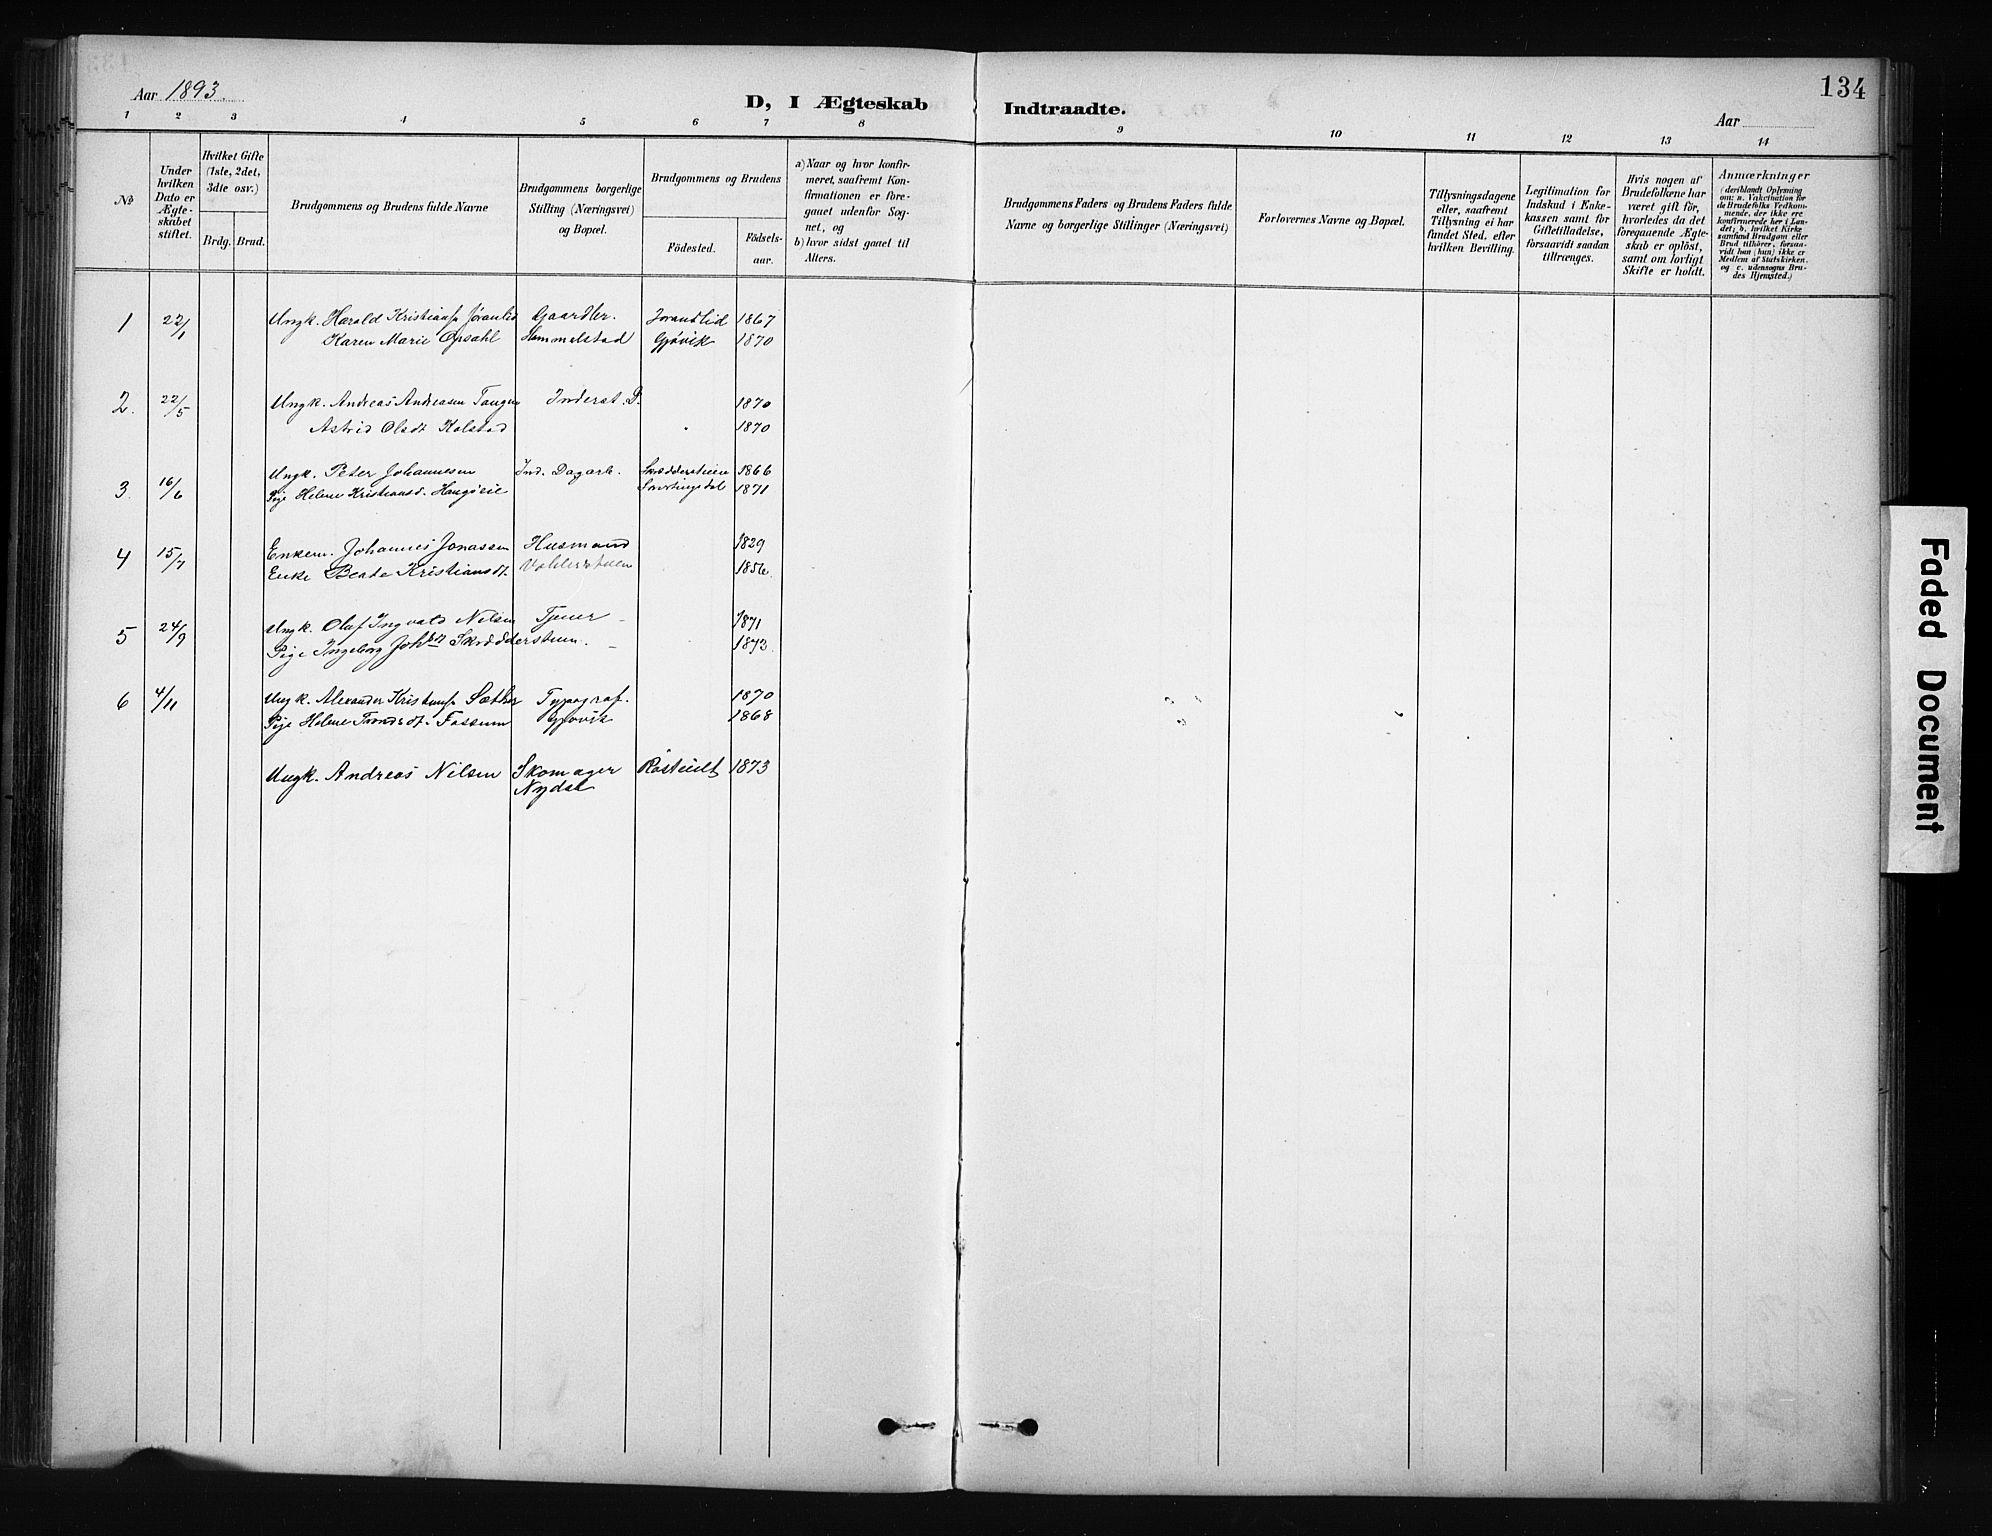 SAH, Nordre Land prestekontor, Klokkerbok nr. 12, 1891-1909, s. 134